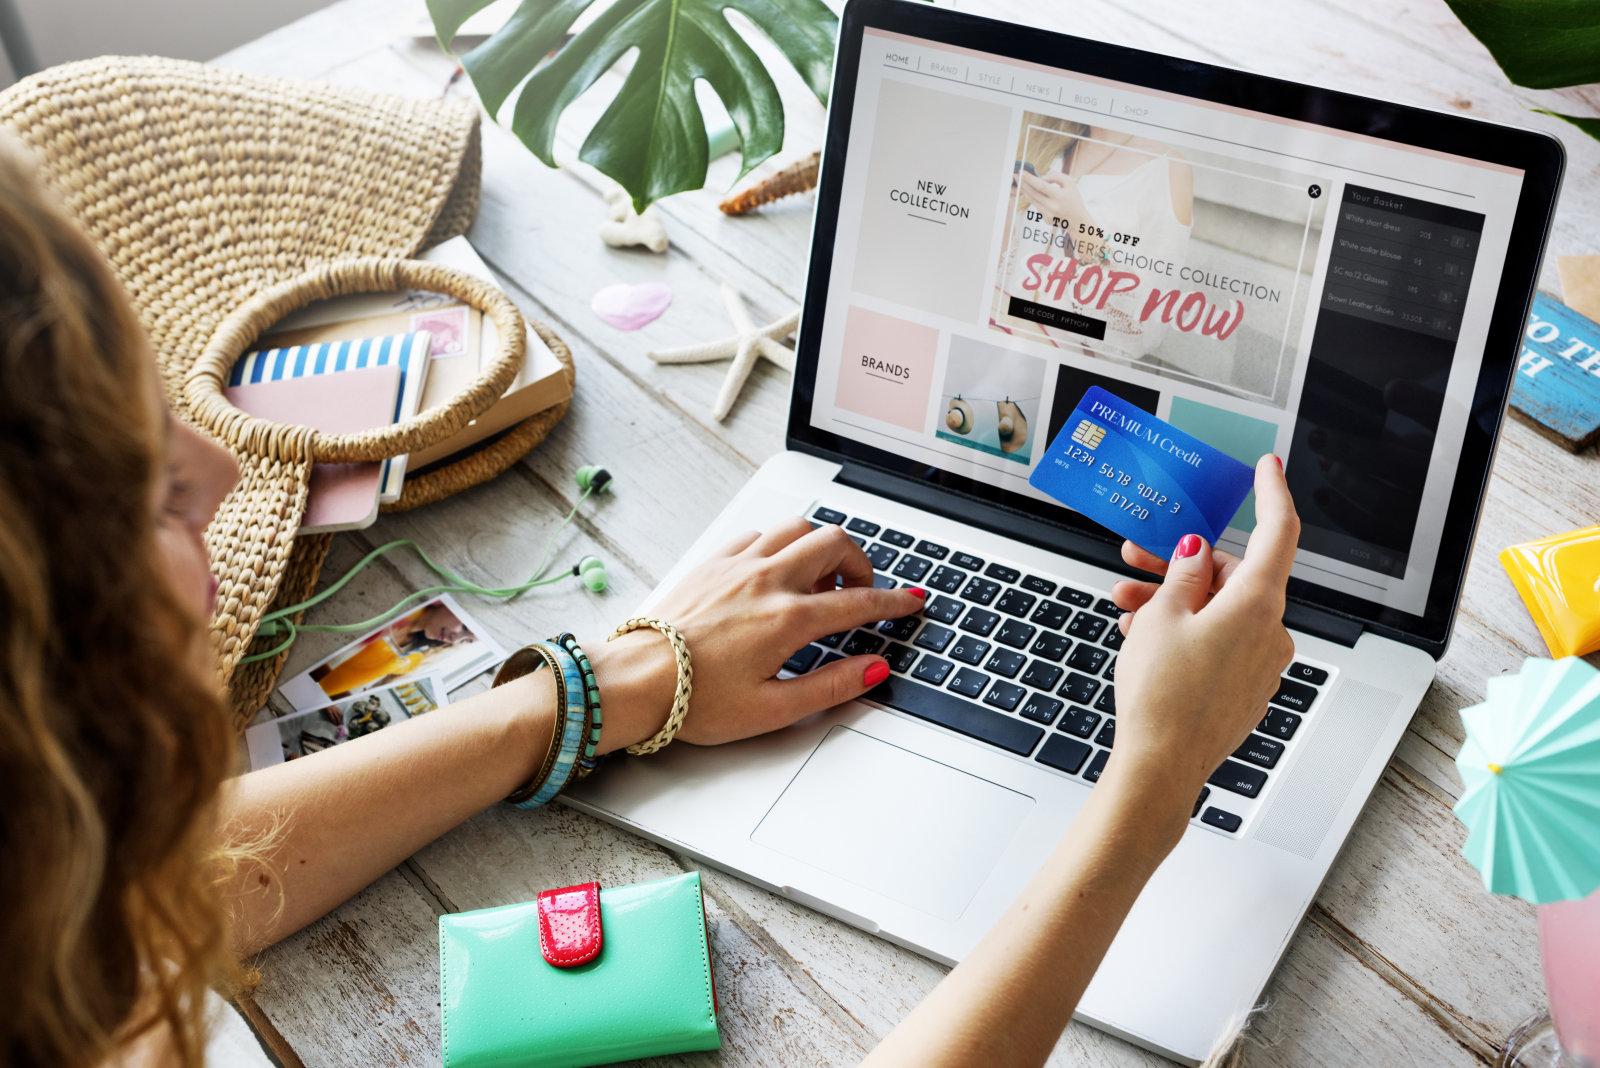 E-poest sooritatud ostudelt saavad nutikad osa raha tagasi